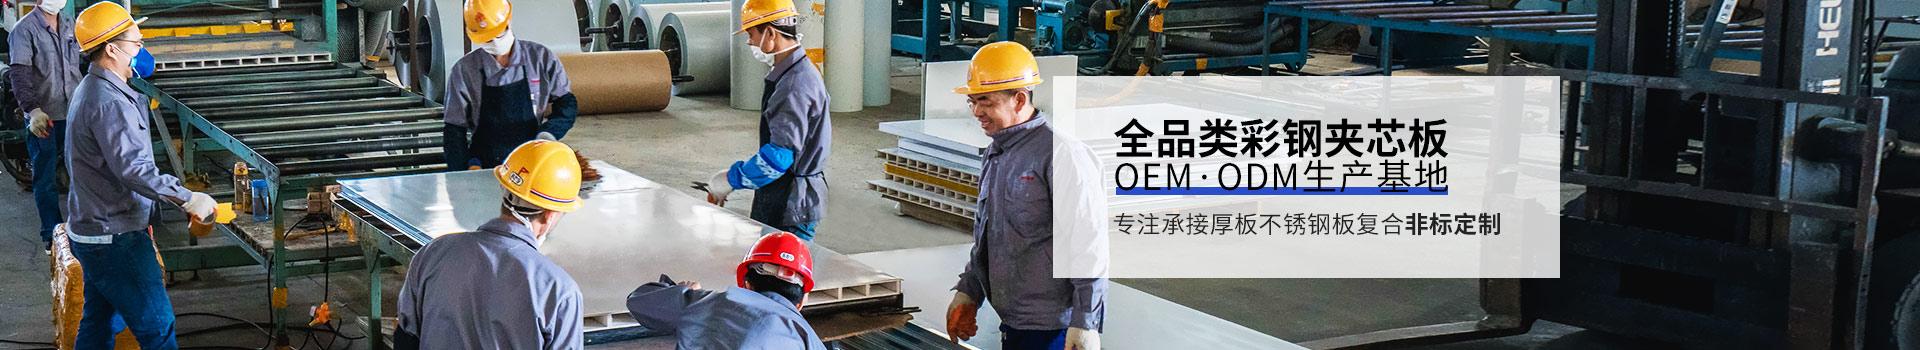 联合冠业-全品类彩钢夹芯板OEM/ODM生产基地